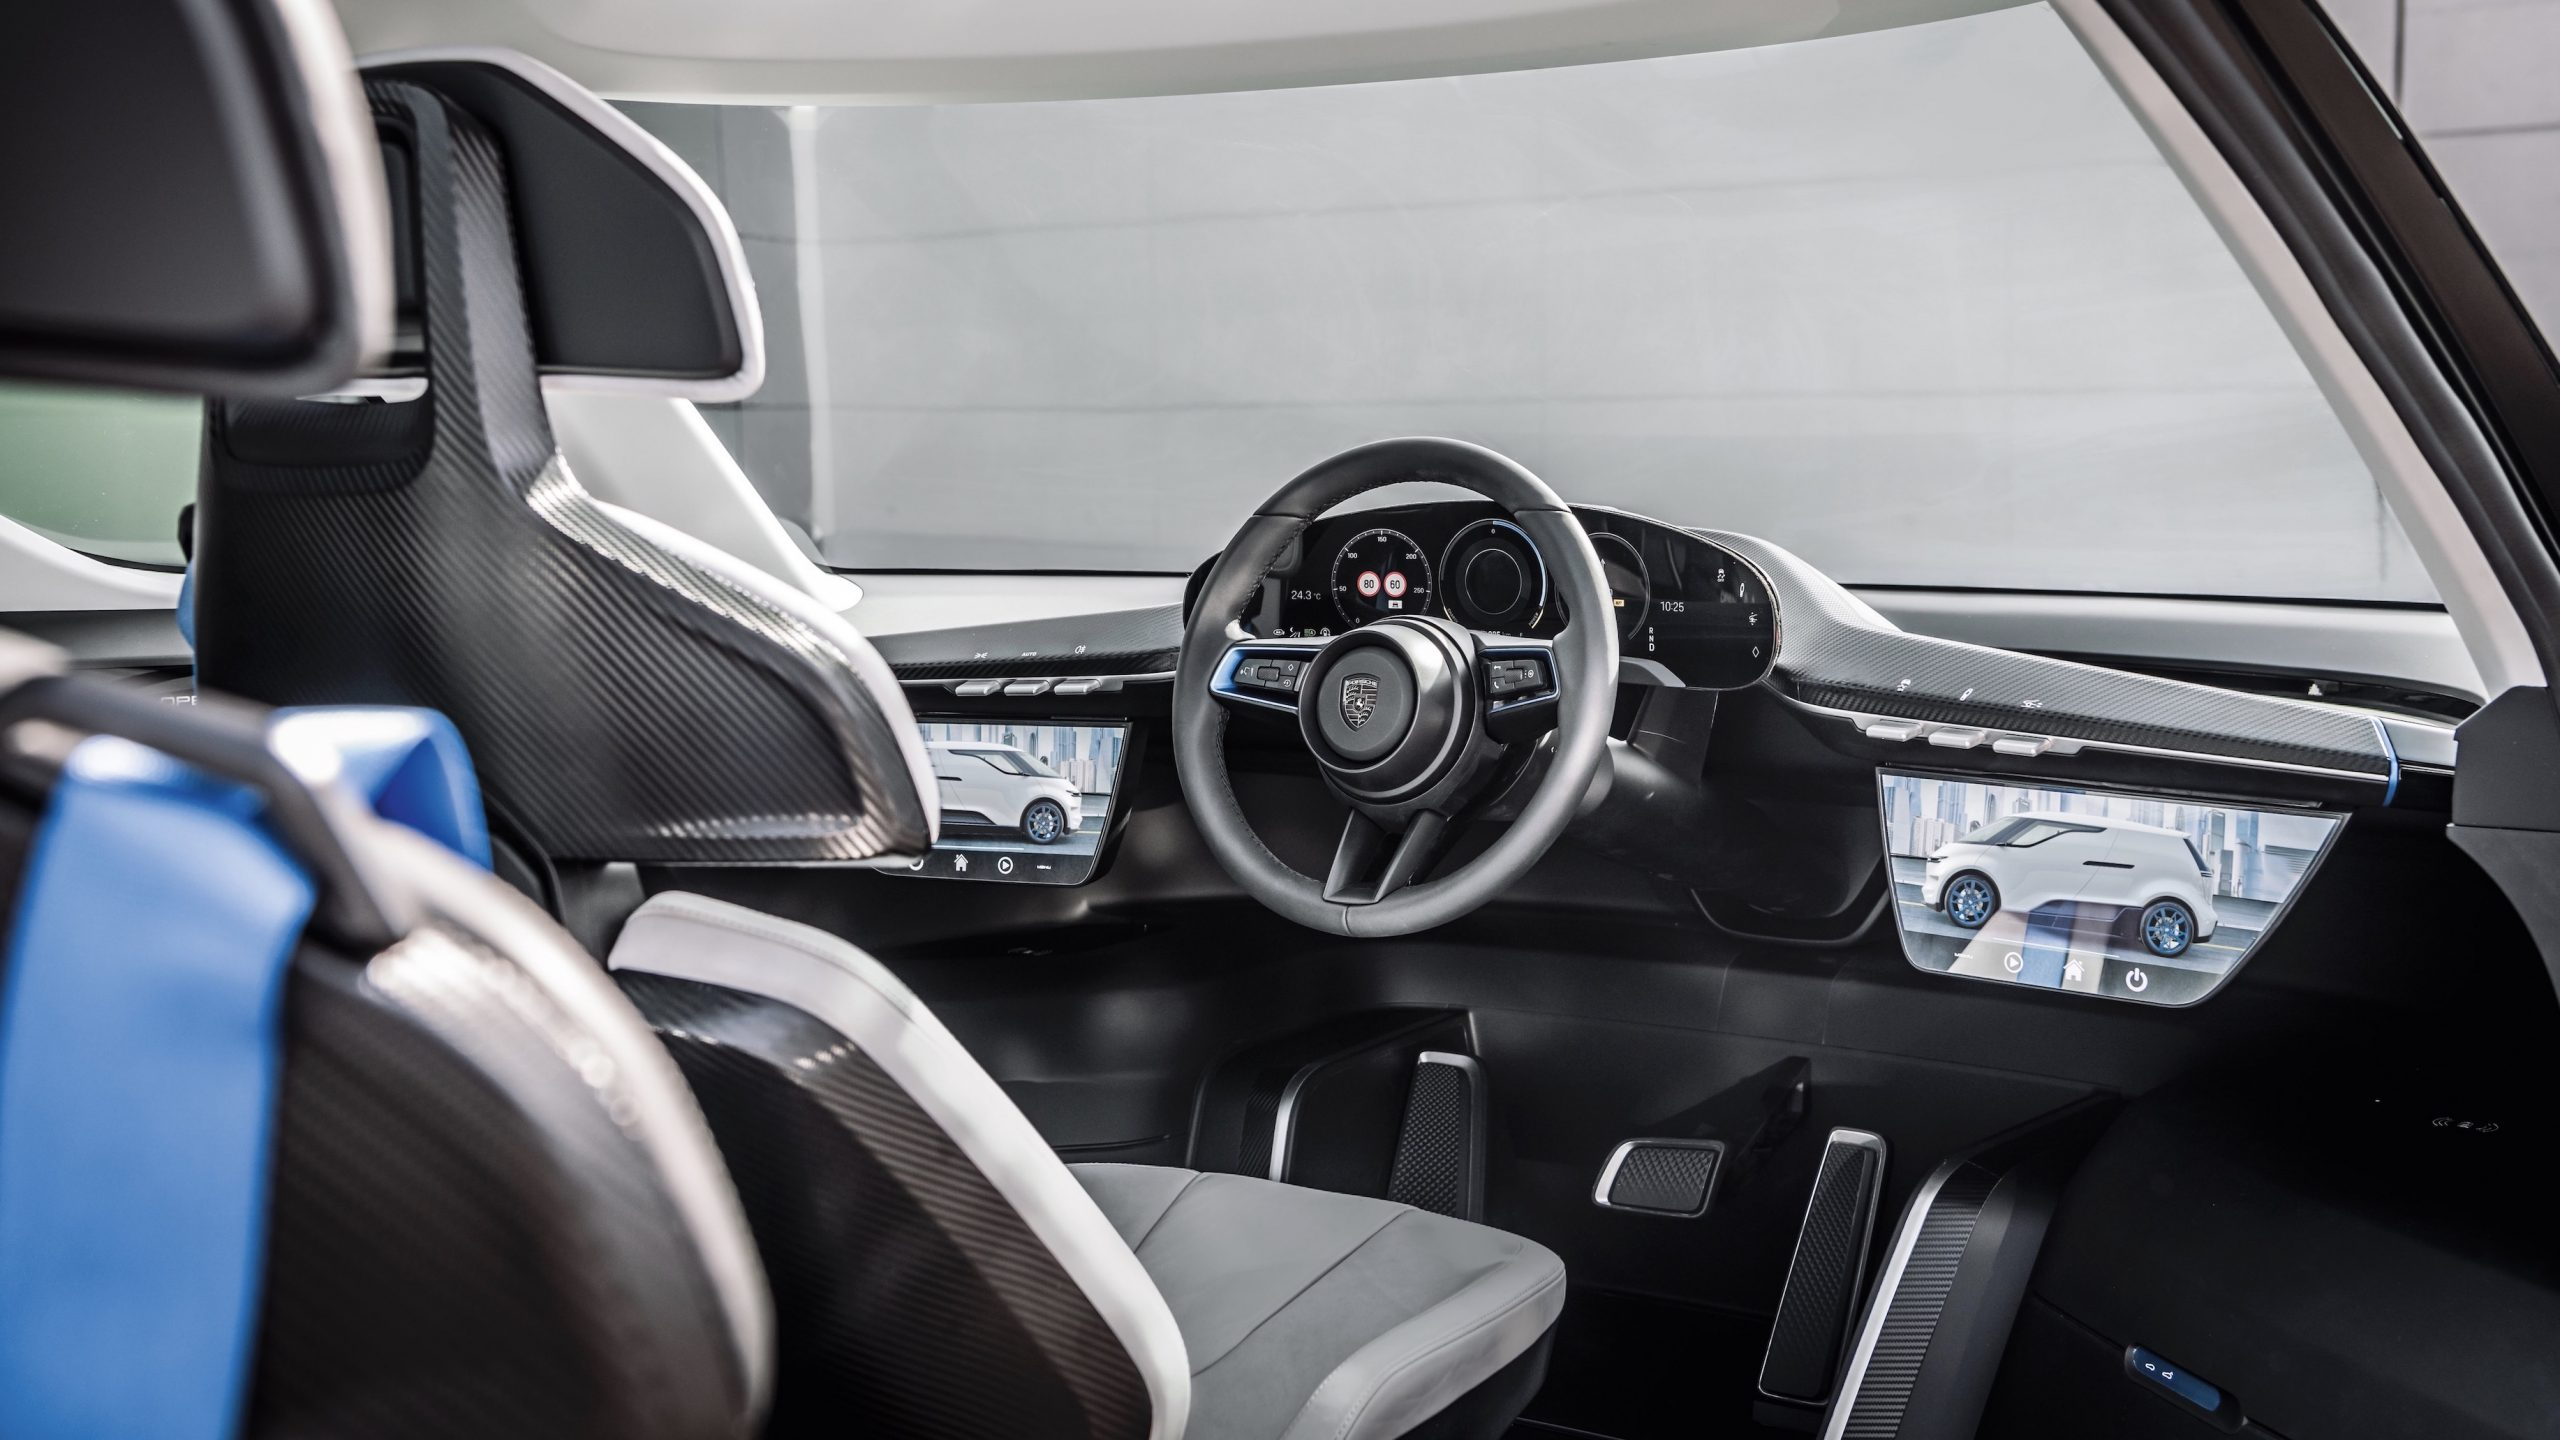 Porsche Renndienst interior 2